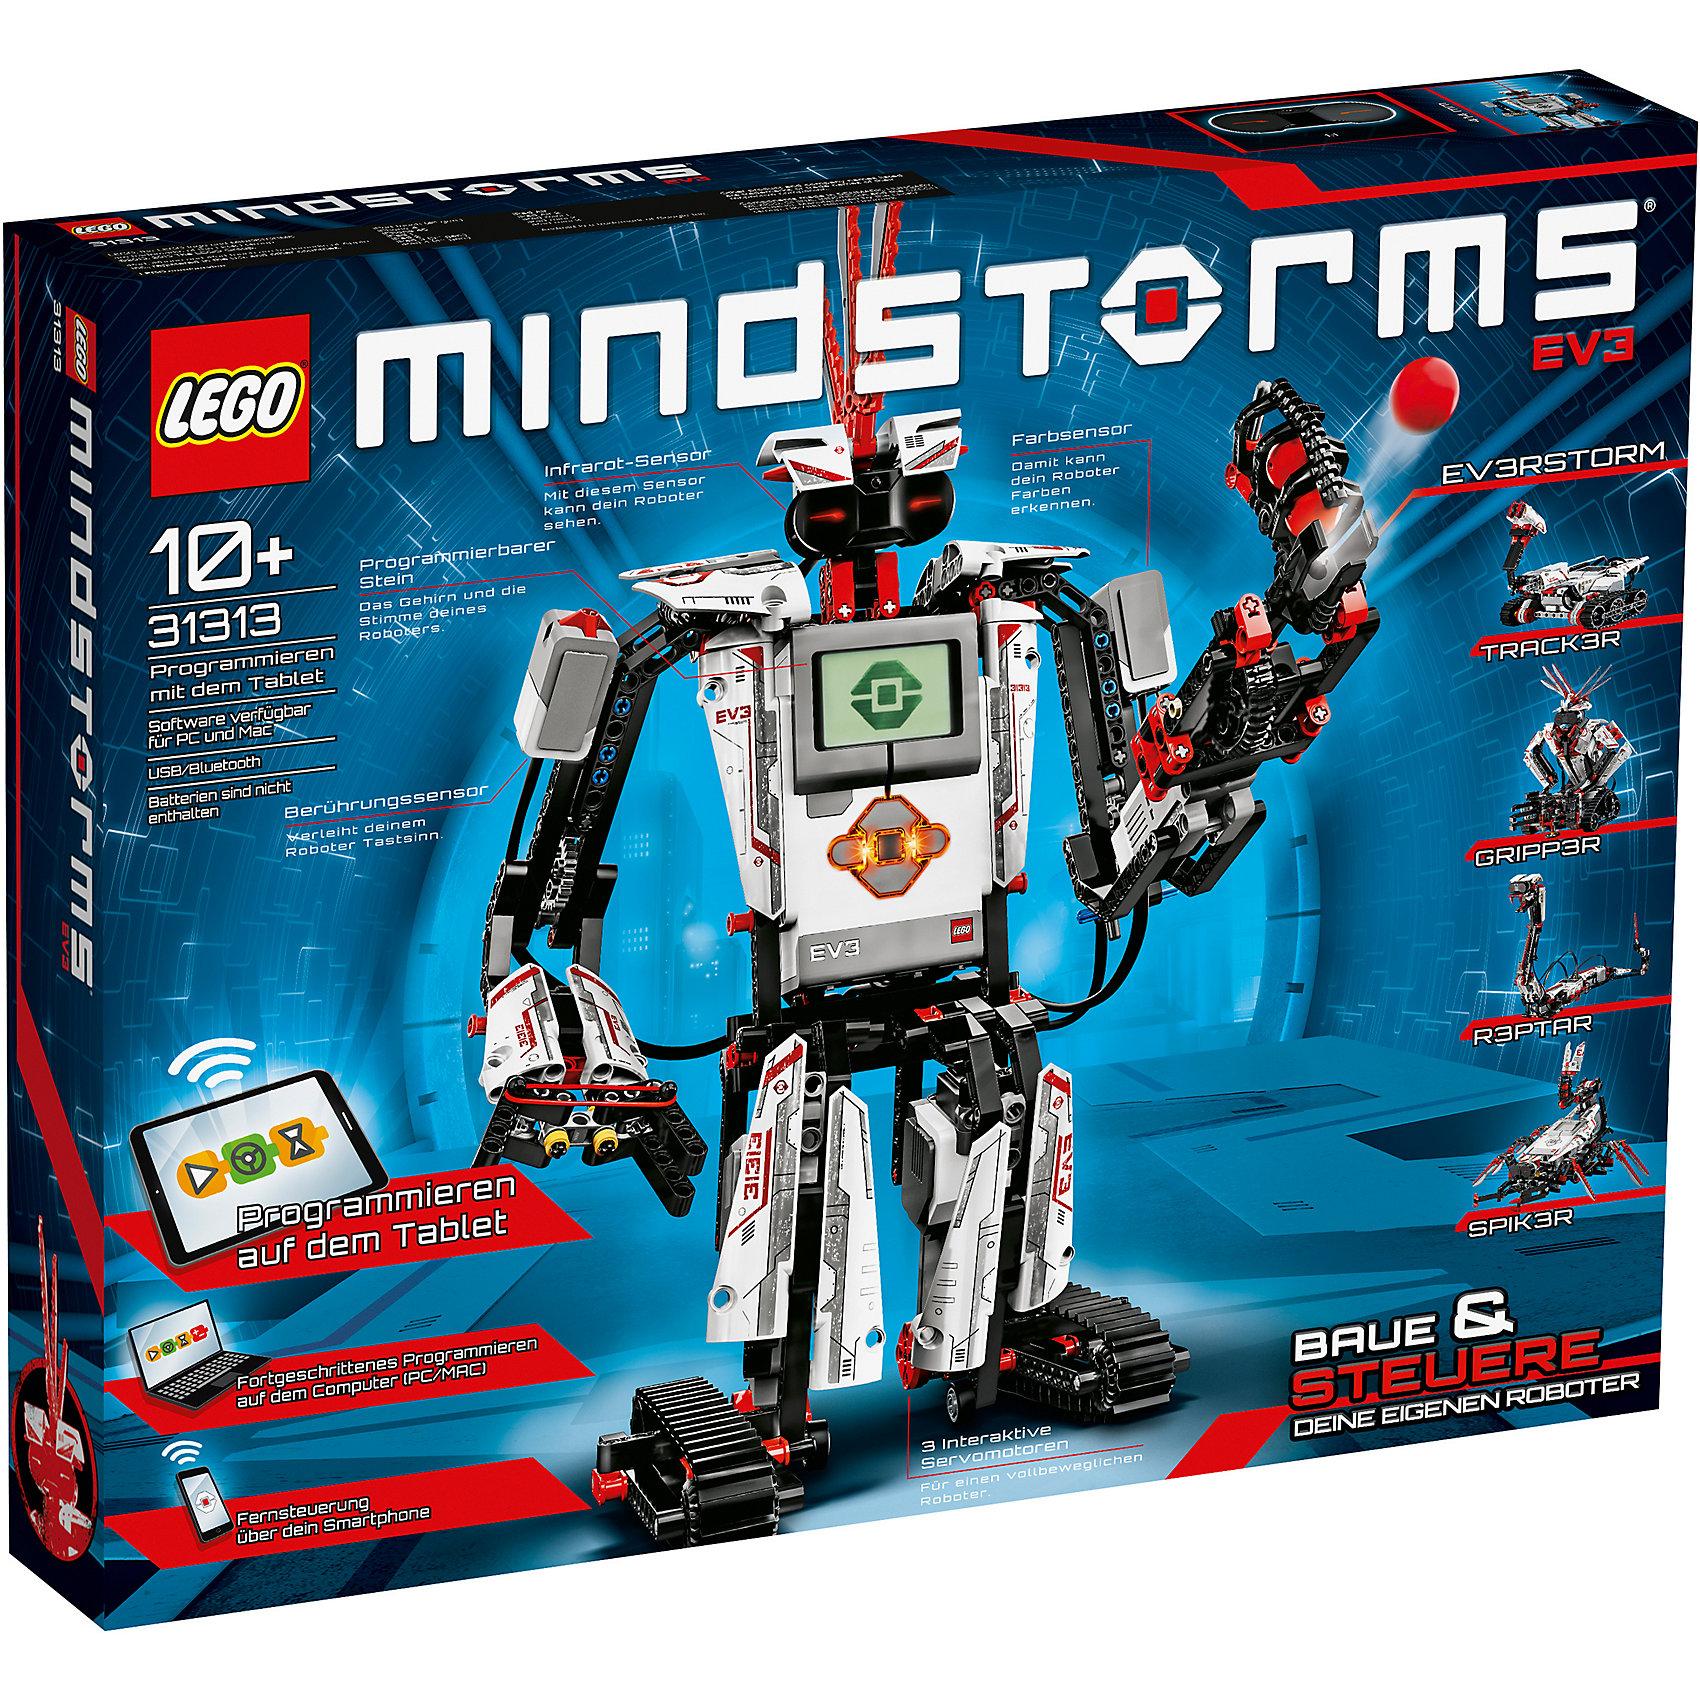 LEGO Mindstorms 31313: Набор EV3Пластмассовые конструкторы<br>Характеристики:<br><br>• Предназначение: набор для конструирования, программирования<br>• Пол: универсальный<br>• Материал: пластик<br>• Цвет: серый, белый, черный, красный<br>• Серия LEGO: Mindstorms<br>• Размер упаковки (Д*Ш*В): 48*7*37,6 см<br>• Вес: 1 кг 750 г<br>• Количество деталей: 601 шт.<br>• Наличие световых, звуковых эффектов<br>• Комплектация: детали сборки робота (5 вариантов), датчики движения, касания, звука, света, дисплейи др.<br>• Батарейки: 2 шт. PCS AAA + 6 шт. PCS AA (не предусмотрены в комплекте)<br>• Процессор, ARM9 <br>• FLASH память: 6 мегабай<br>• Оперативная память: 64 мегабайт<br>• Операционная система: Linux<br>• Слот расширения: SD<br>• USB 2.0<br>• Bluetooth 2.1<br>• 8 портов: 4 на вход, 4 на выход<br><br>LEGO Mindstorms 31313: Набор EV3 – набор от всемирно известного производителя конструкторов для детей всех возрастных категорий. LEGO Mindstorms 31313: Набор EV3 является флагманским набором предназначенным не только для развлечения, но и обучения. Комплектация набора позволяет конструировать 5 моделей роботов с множеством функциональных возможностей. Особенностью набора является усовершенствованный модуль программирования. Этот набор позволит в увлекательной игровой форме освоить базовые навыки конструирования и программирования. Управление роботом осуществляется с помощью дистанционного управления или с помощью бесплатного программного обеспечения, которое можно загрузить на планшет или смартфон.<br>Игры с конструкторами LEGO развивают усидчивость, внимательность, мелкую моторику рук, способствуют формированию конструкторского мышления. <br><br>LEGO Mindstorms 31313: Набор EV3 можно купить в нашем интернет-магазине.<br><br>Ширина мм: 510<br>Глубина мм: 393<br>Высота мм: 89<br>Вес г: 2284<br>Возраст от месяцев: 120<br>Возраст до месяцев: 192<br>Пол: Мужской<br>Возраст: Детский<br>SKU: 3145525